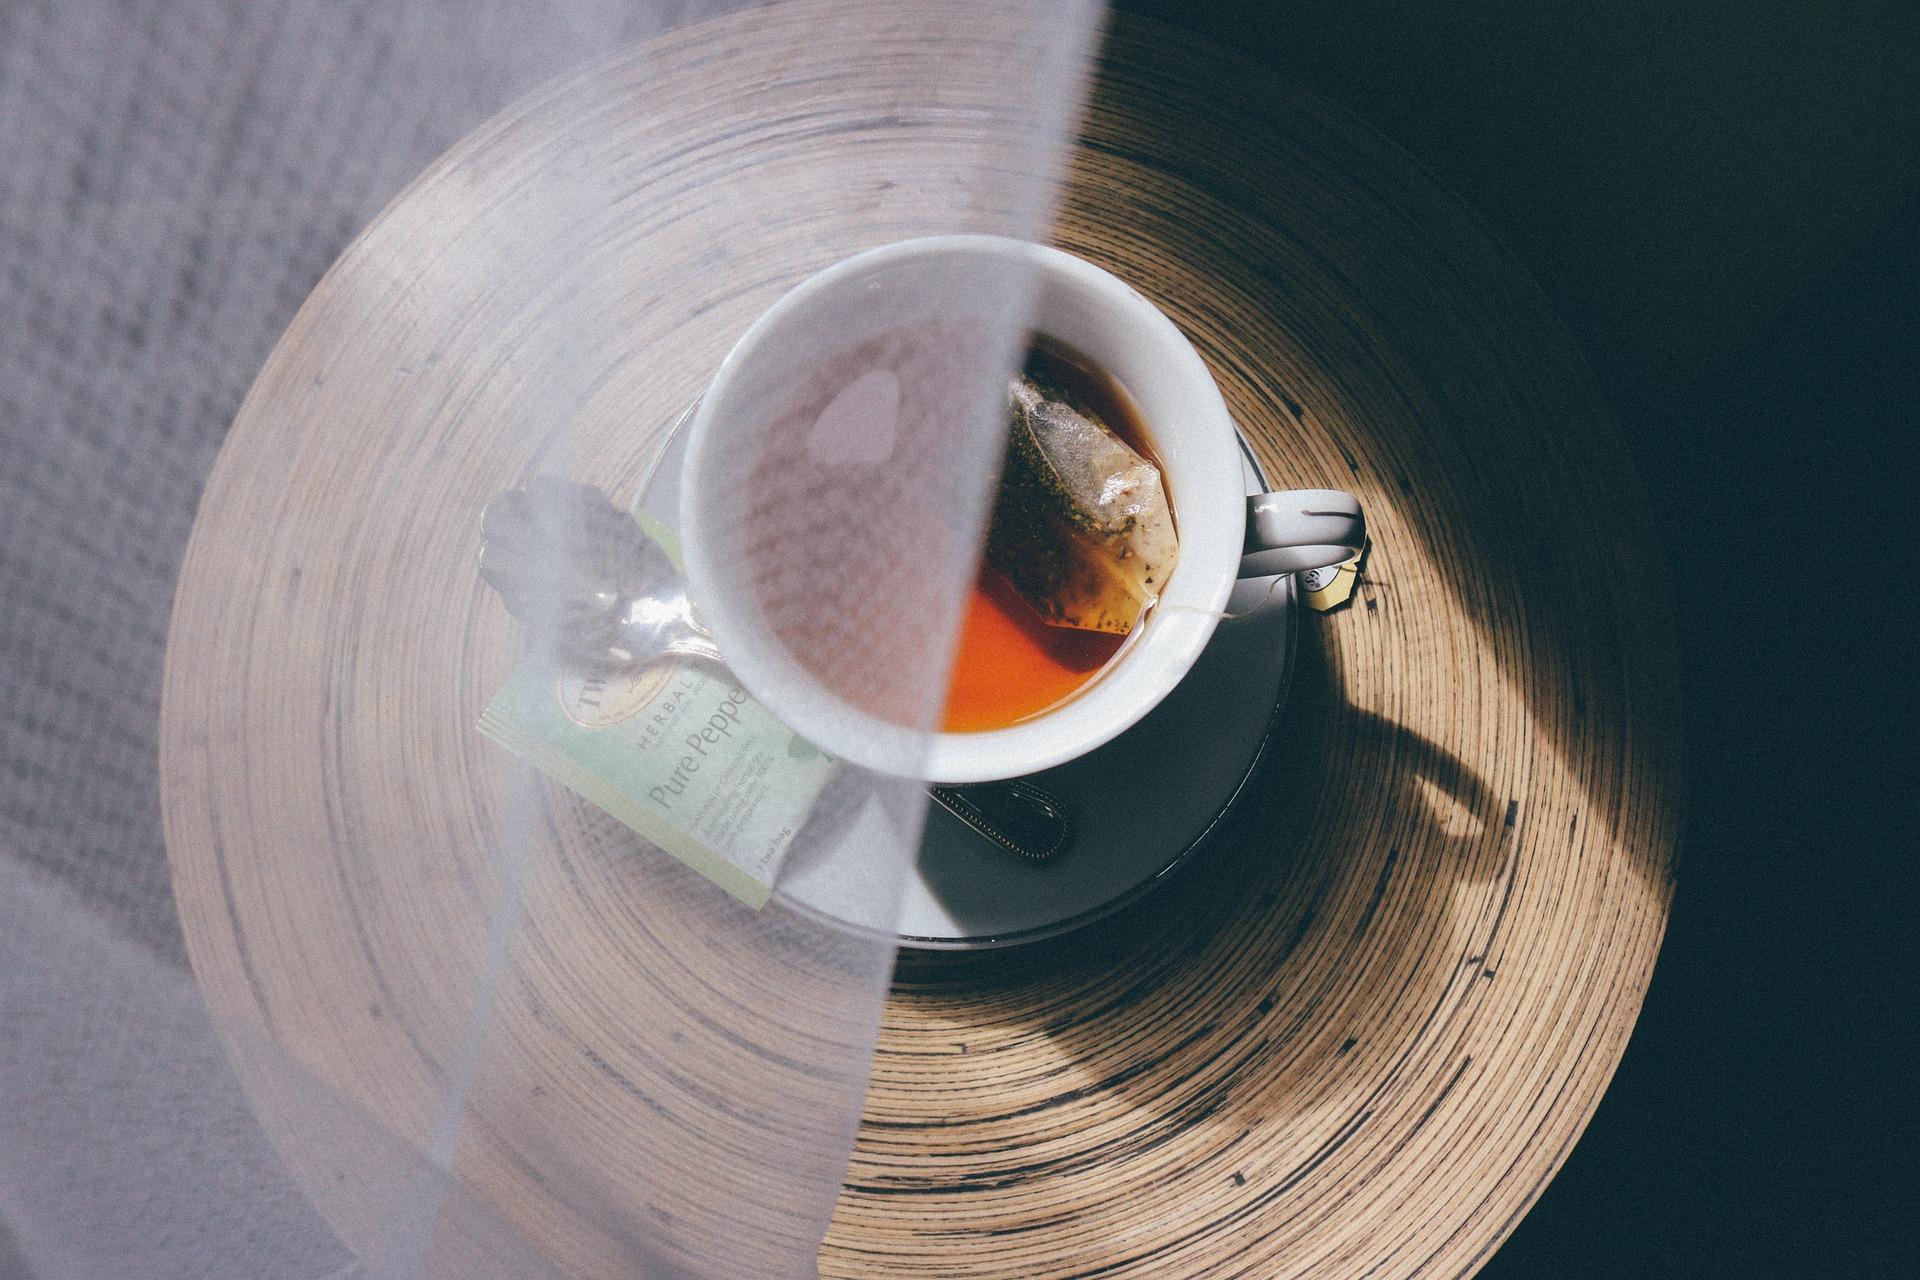 cup-of-tea-912677_1920